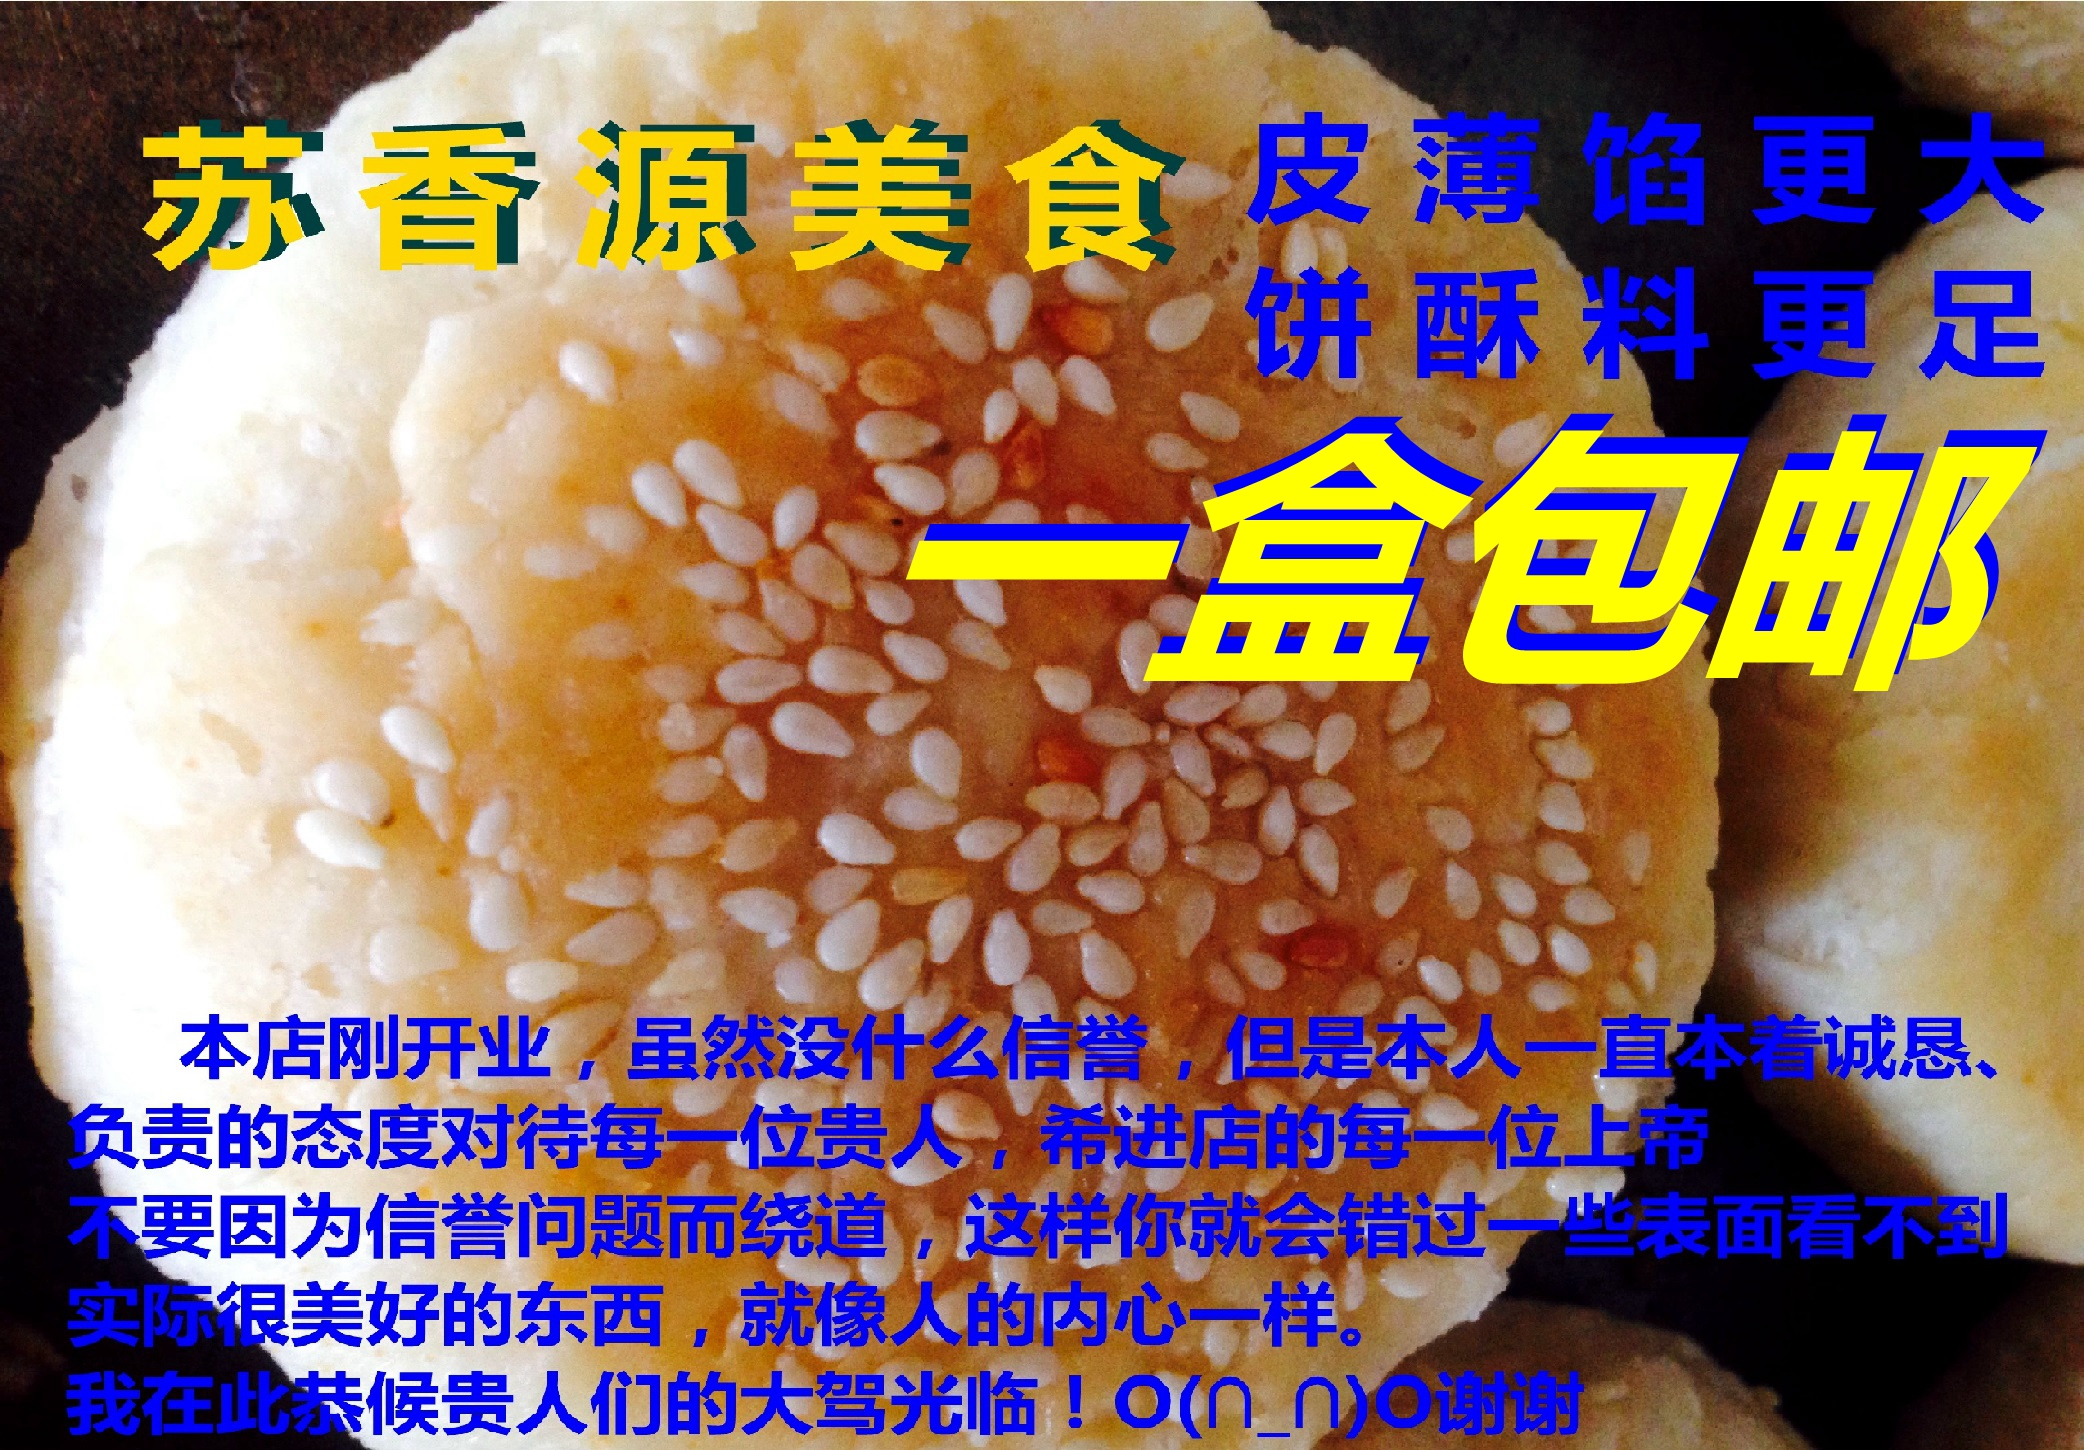 苏香源板栗饼现做板栗馅饼栗子酥饼纯手工老人孕妇传统点心